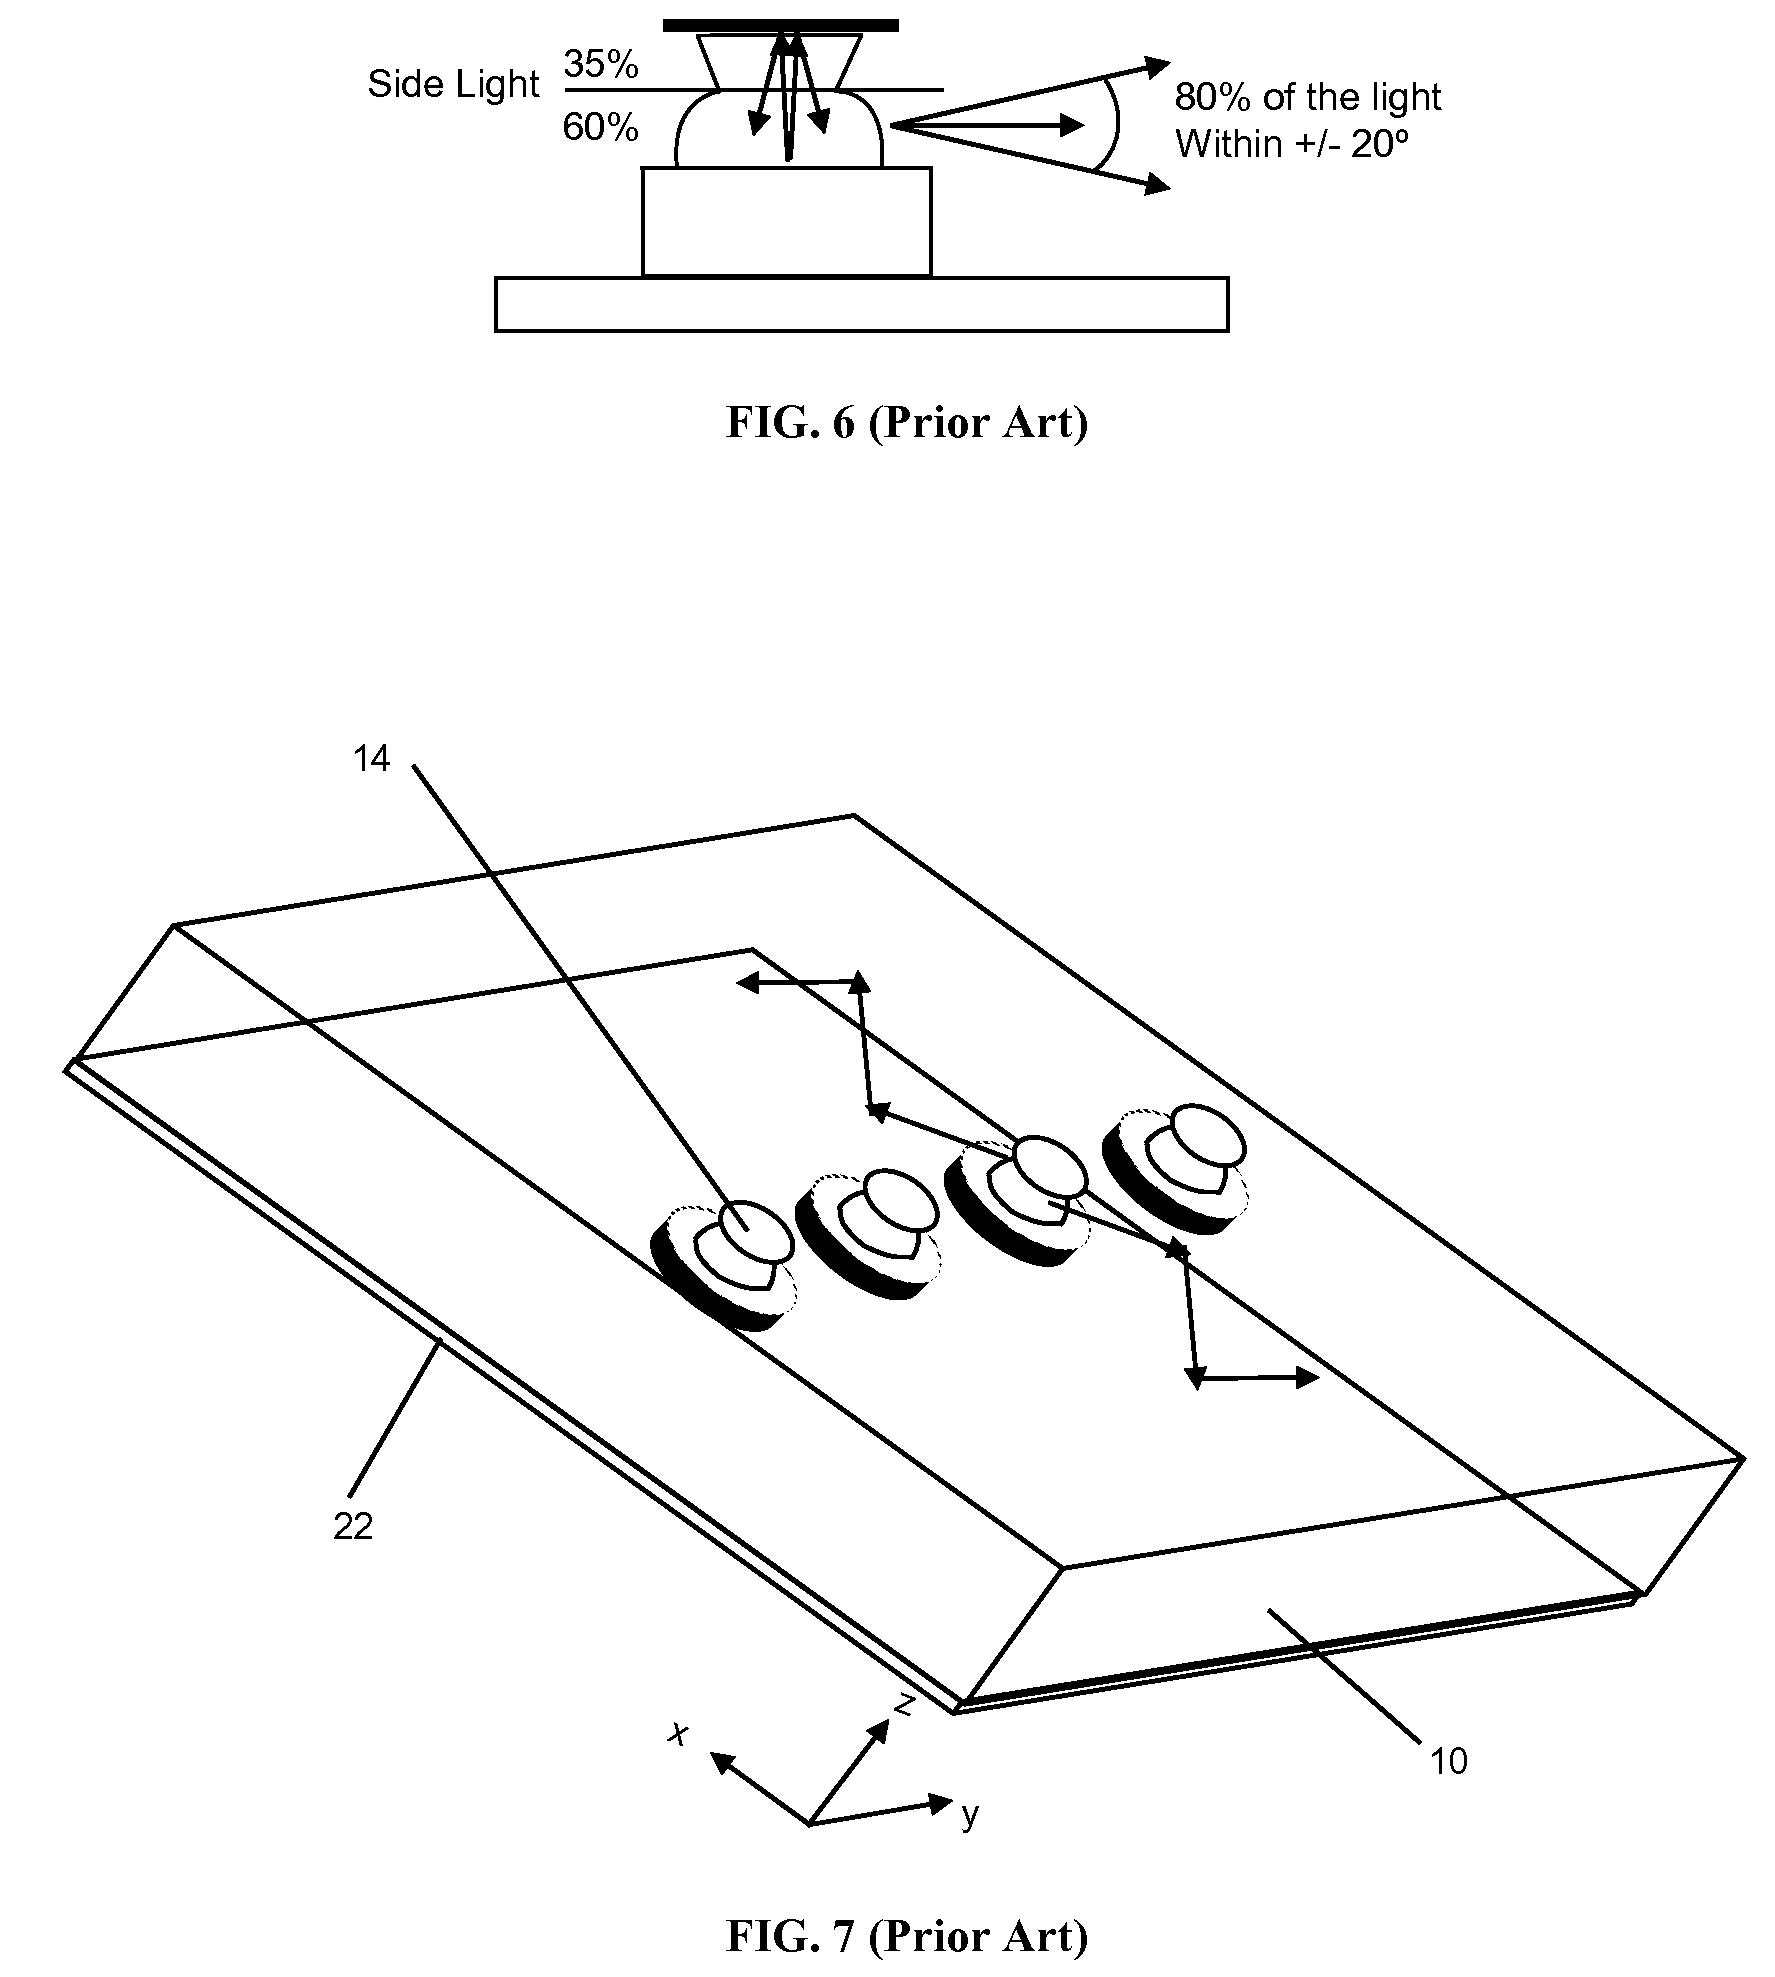 Optix Lighting System Ballast